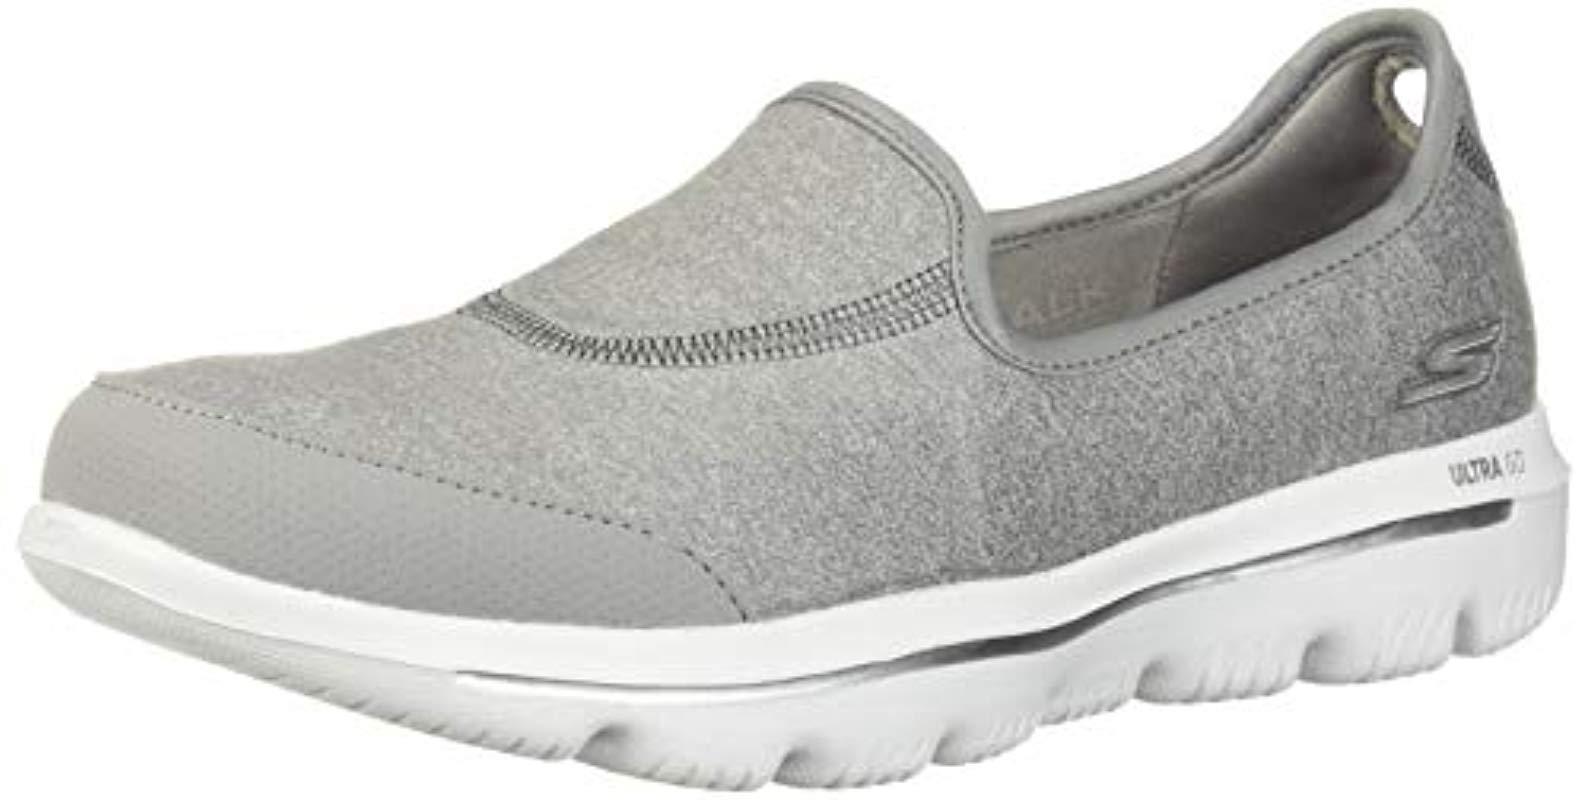 e9f9a05c88fd7 Lyst - Skechers Go Walk Evolution Ultra-legacy Sneaker in Gray ...